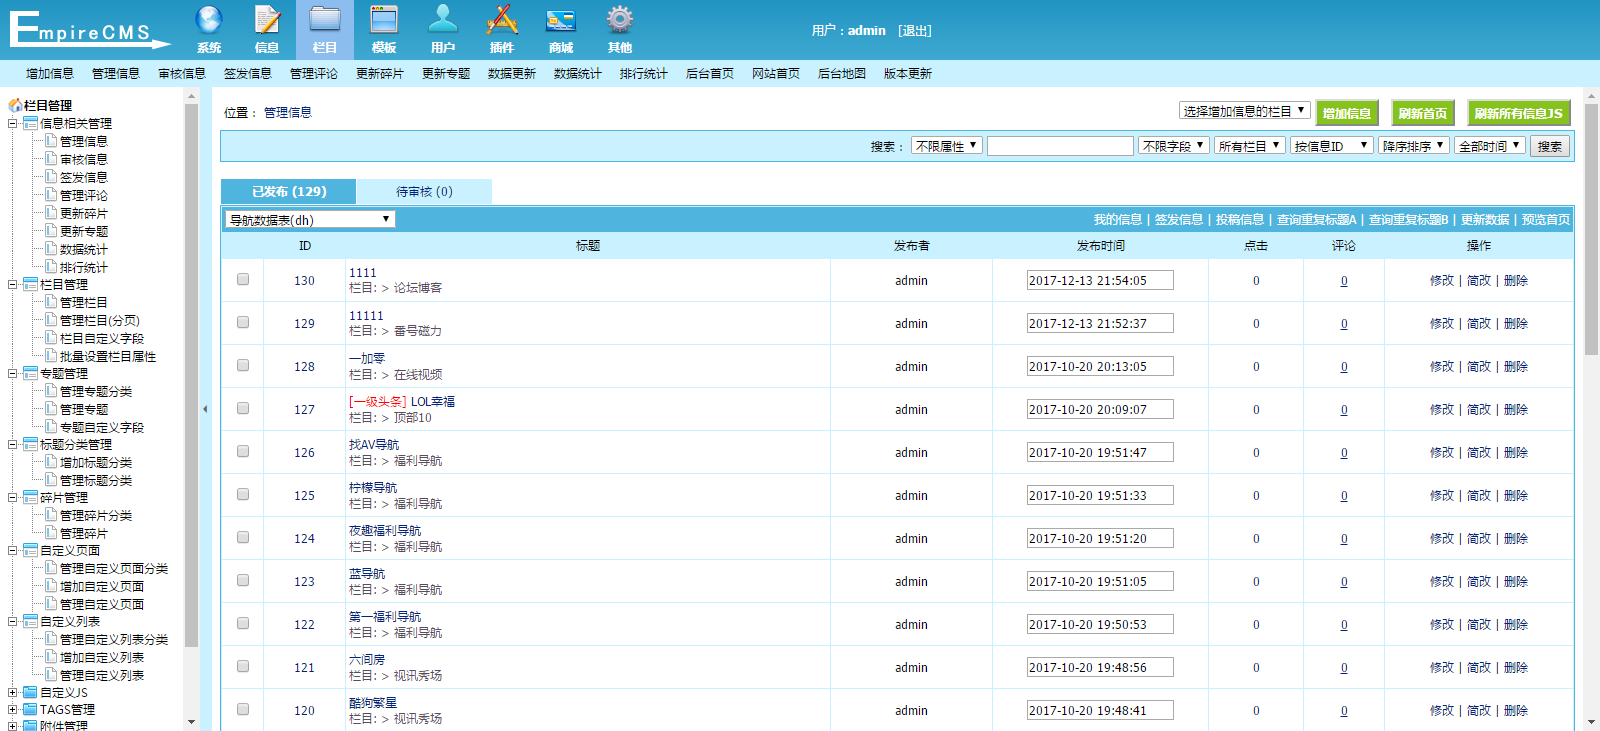 企业网站源码带支付(六仔源码带支付) (https://www.oilcn.net.cn/) 网站运营 第3张